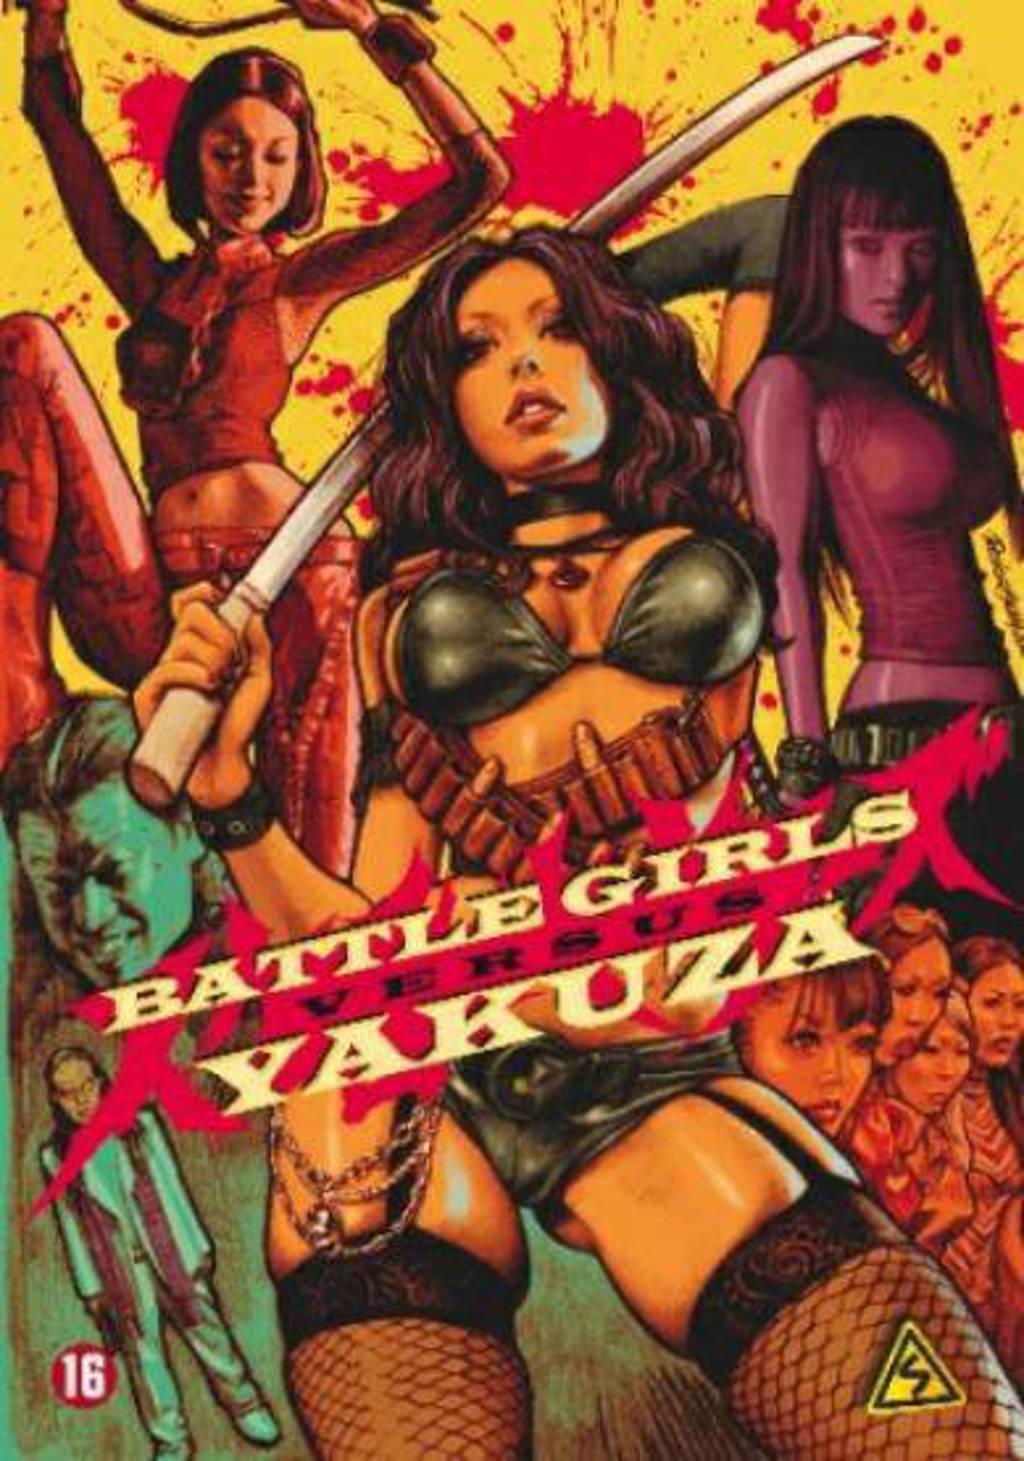 Battle girls versus Yakuza (DVD)